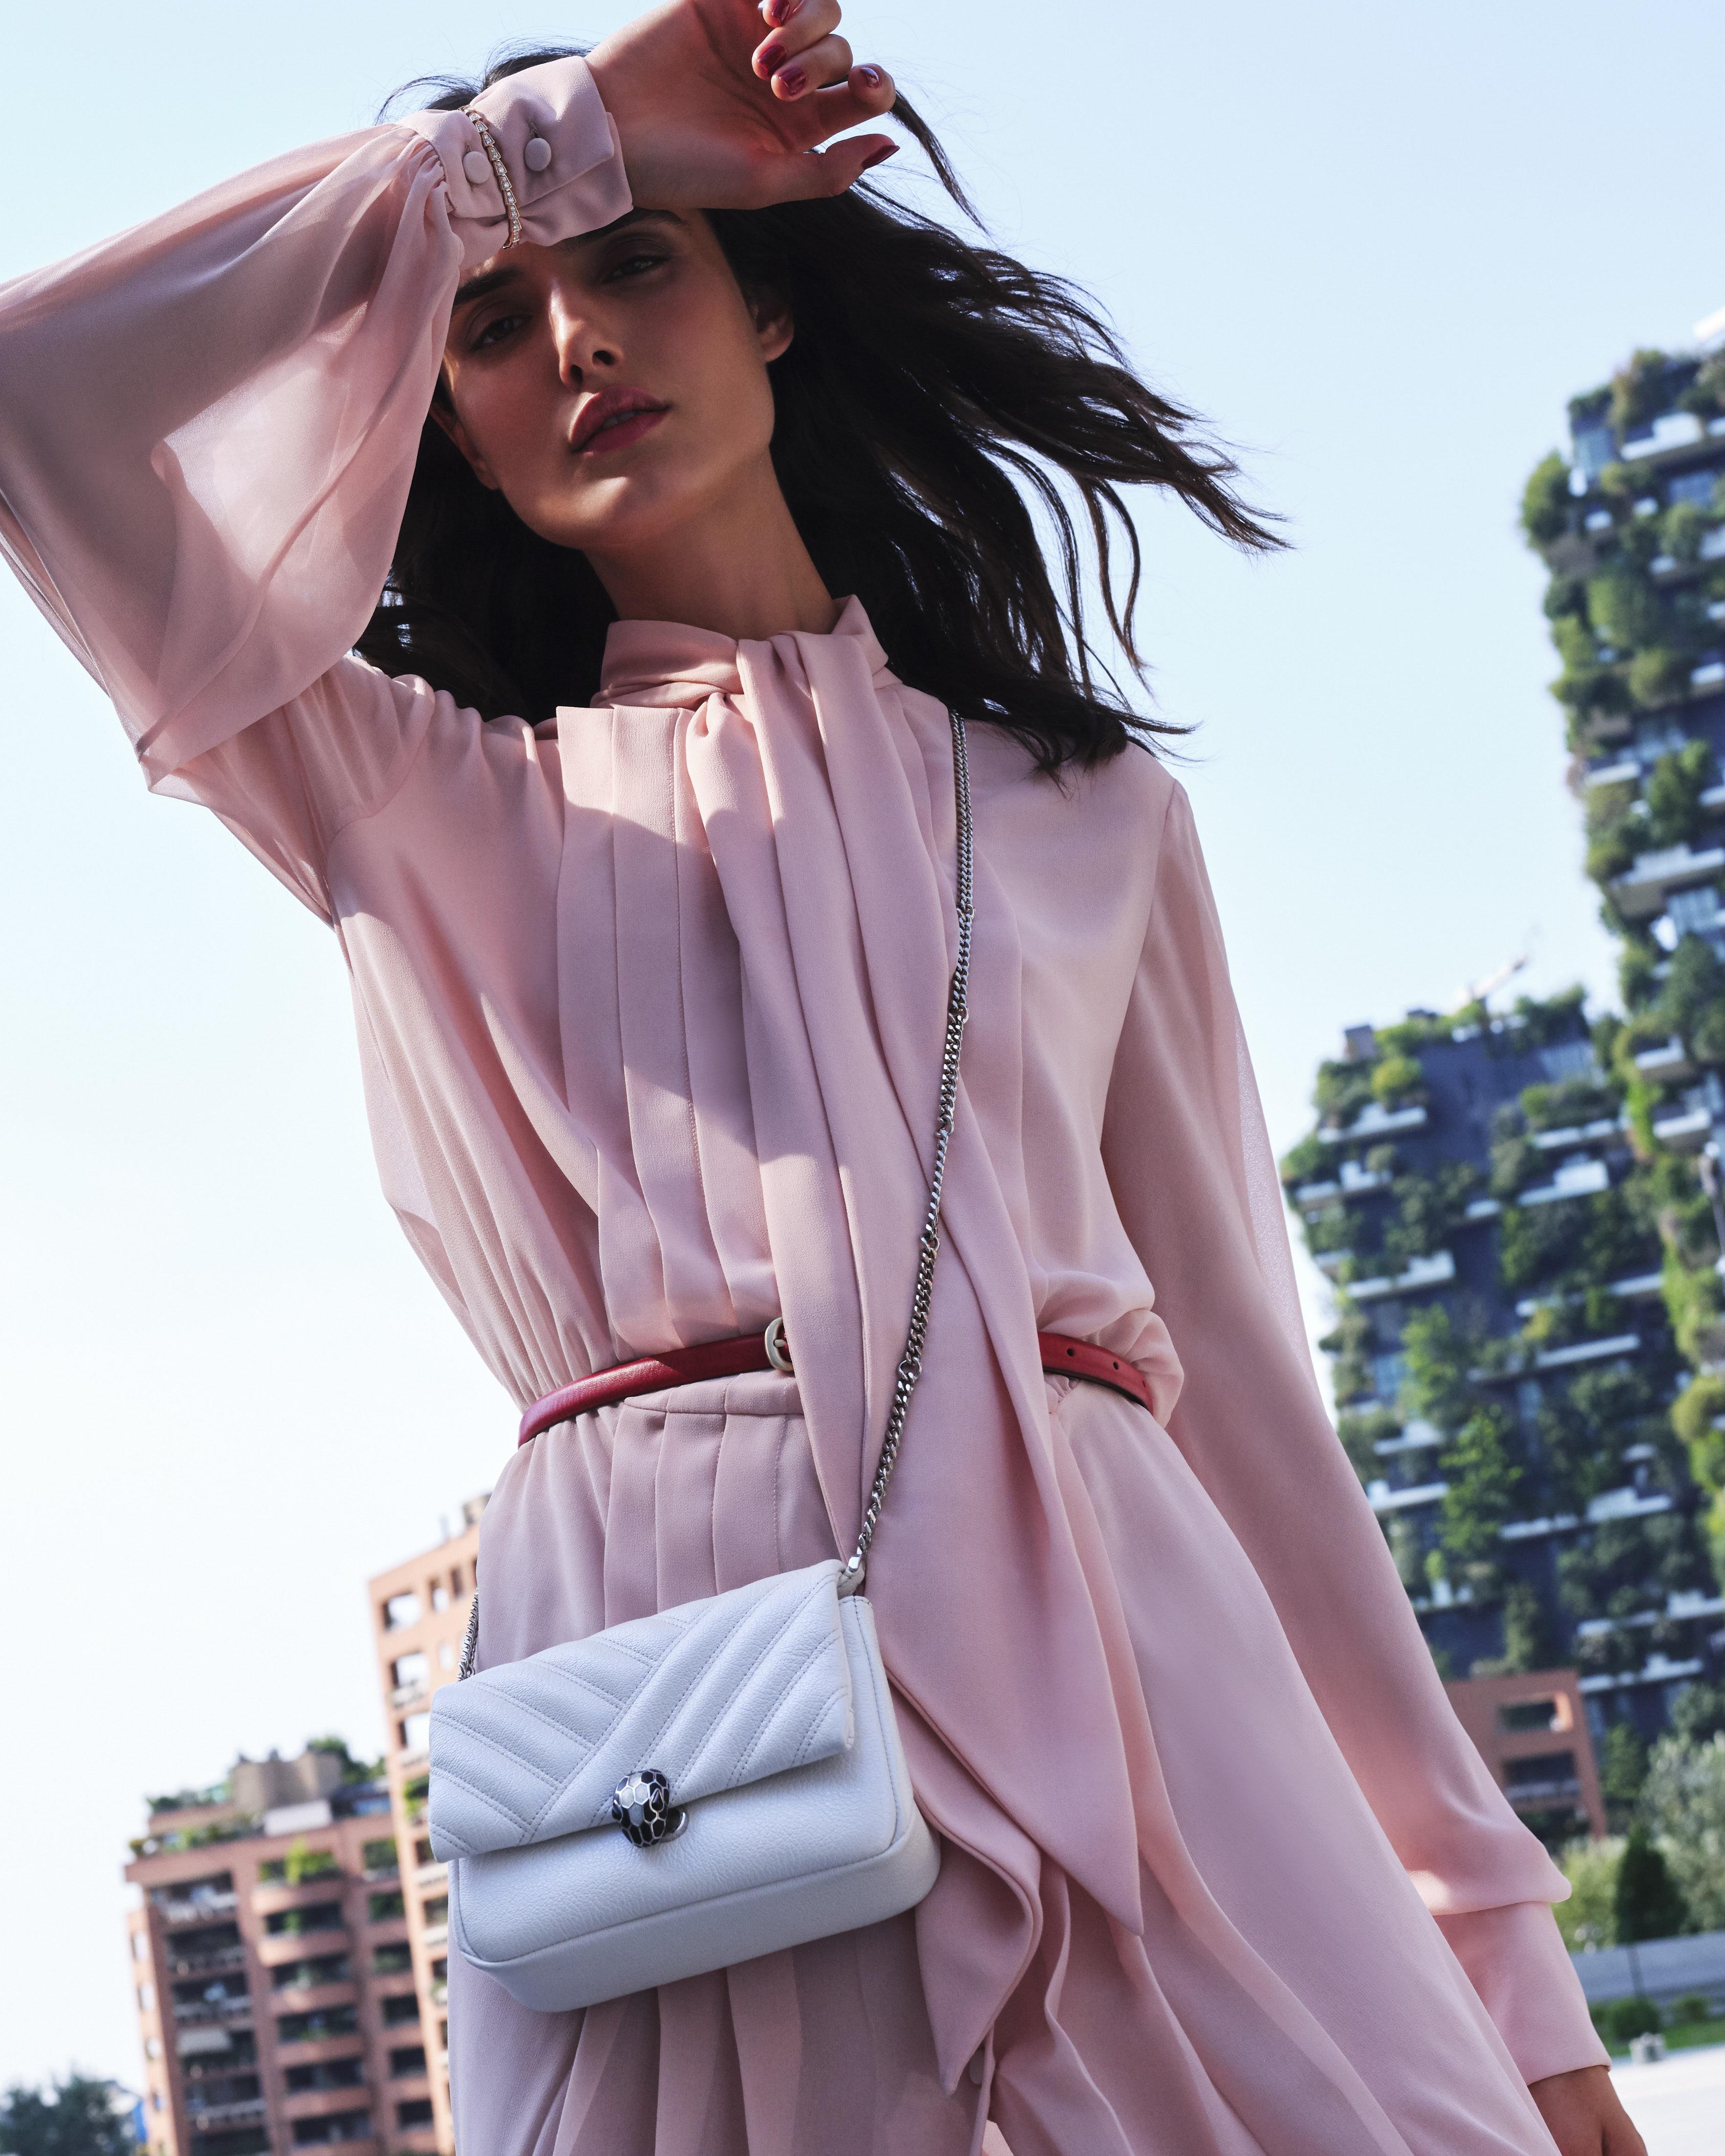 200730 Bvlgari UrbanJungle Day2 33 061 b CROP - Campaña de accesorios SS21 de Bvlgari tiene como protagonista a española Blanca Padilla